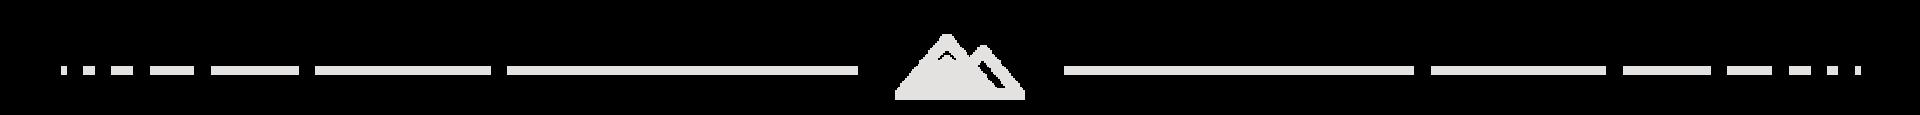 quechua randonnée montagne